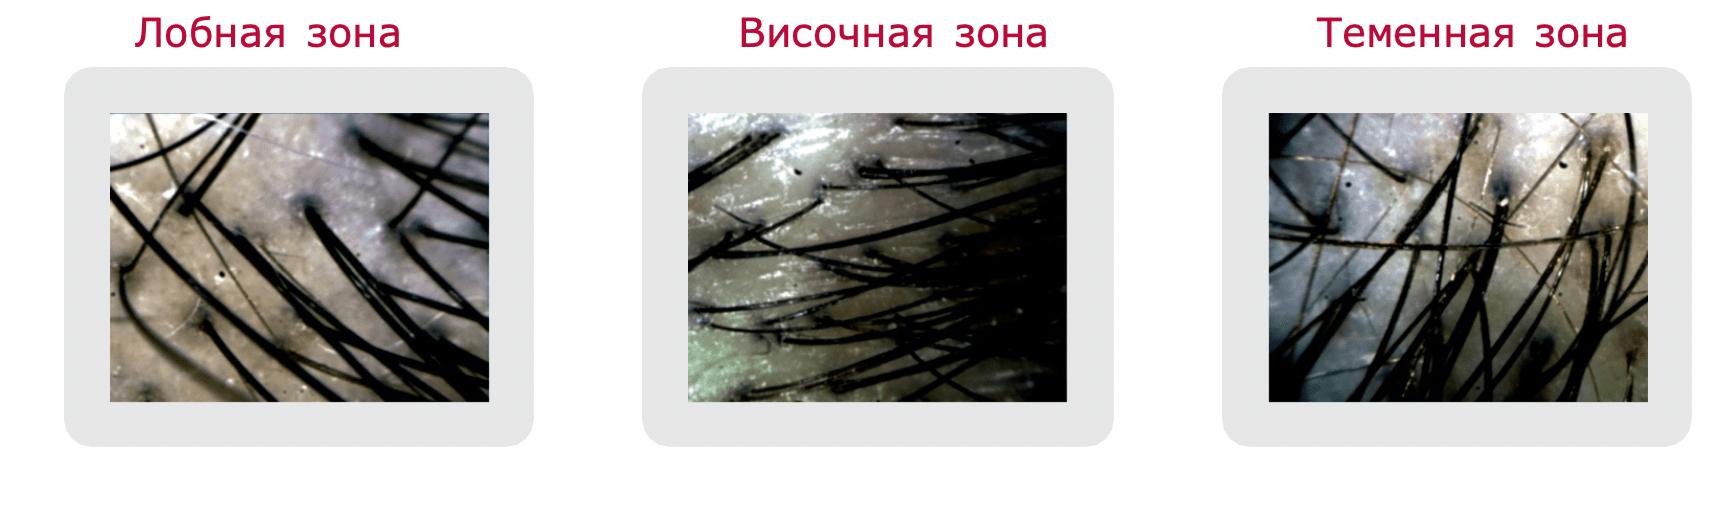 Шампунь для стимуляции роста волос для женщин crescina hfsc 100